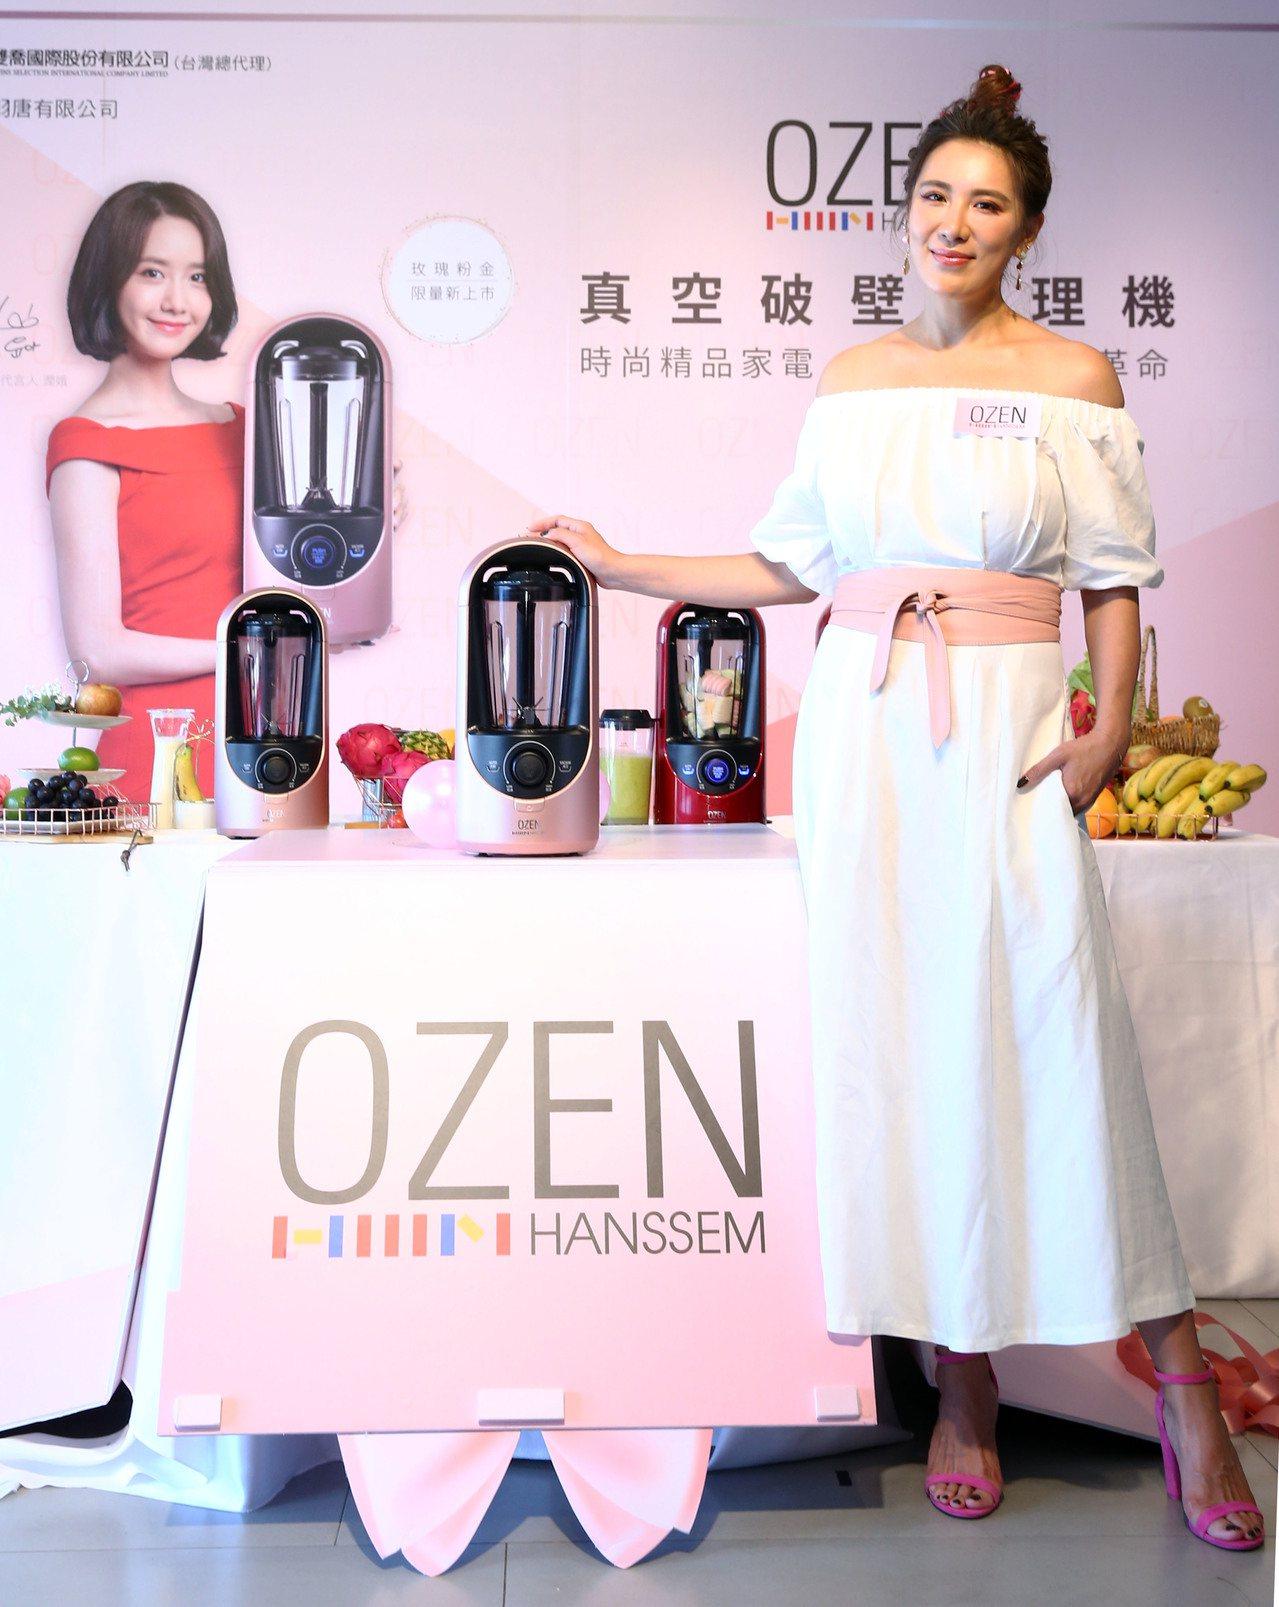 小禎出席活動分享OZEN真空抗氧破壁調理機使用心得。圖/雙喬國際提供